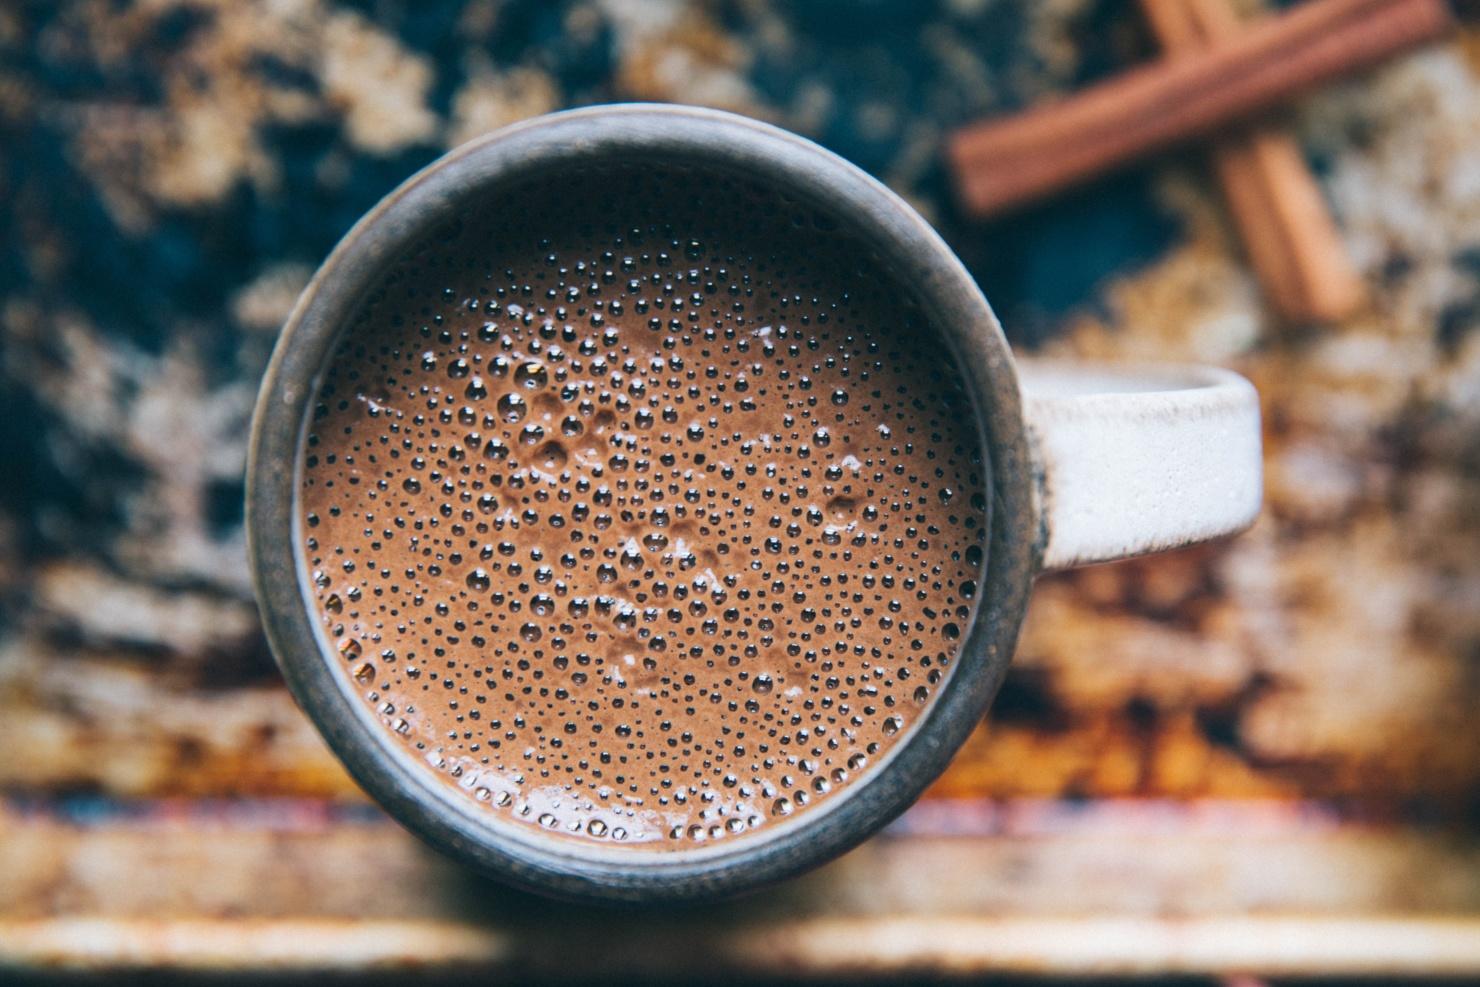 RommГ© Cup